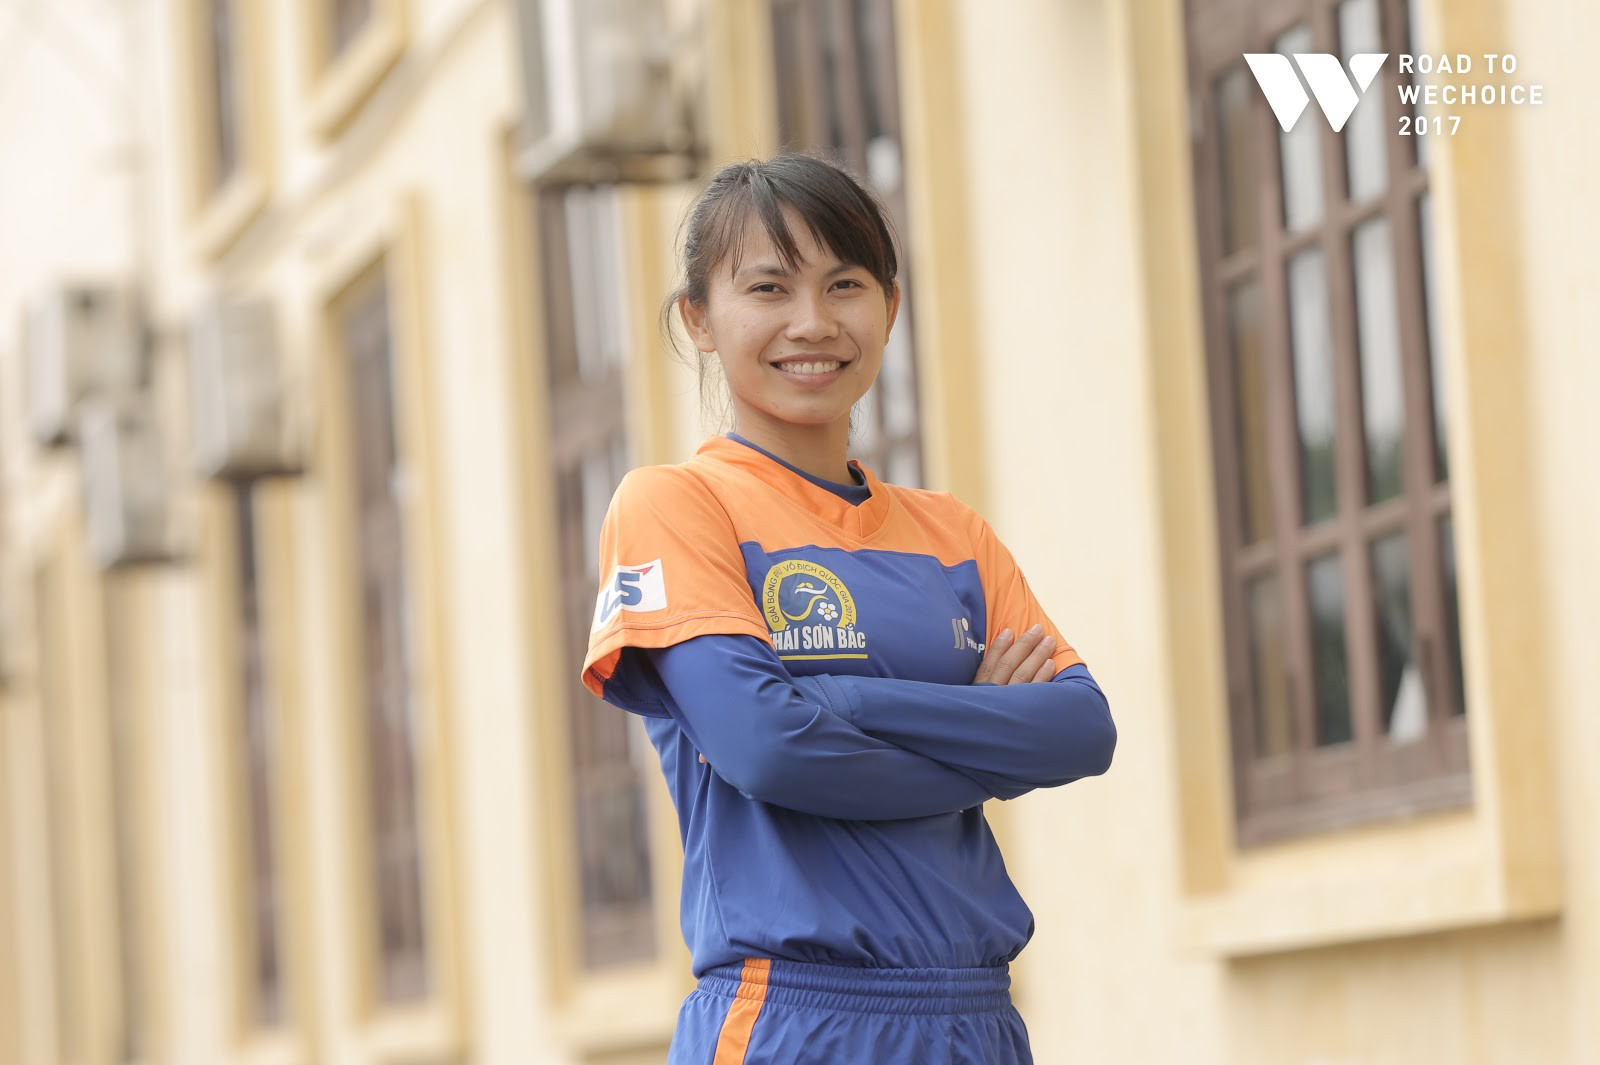 Nguyễn Thị Liễu: Hành trình vượt biến cố, trở thành người hùng cho bóng đá nữ - Ảnh 11.